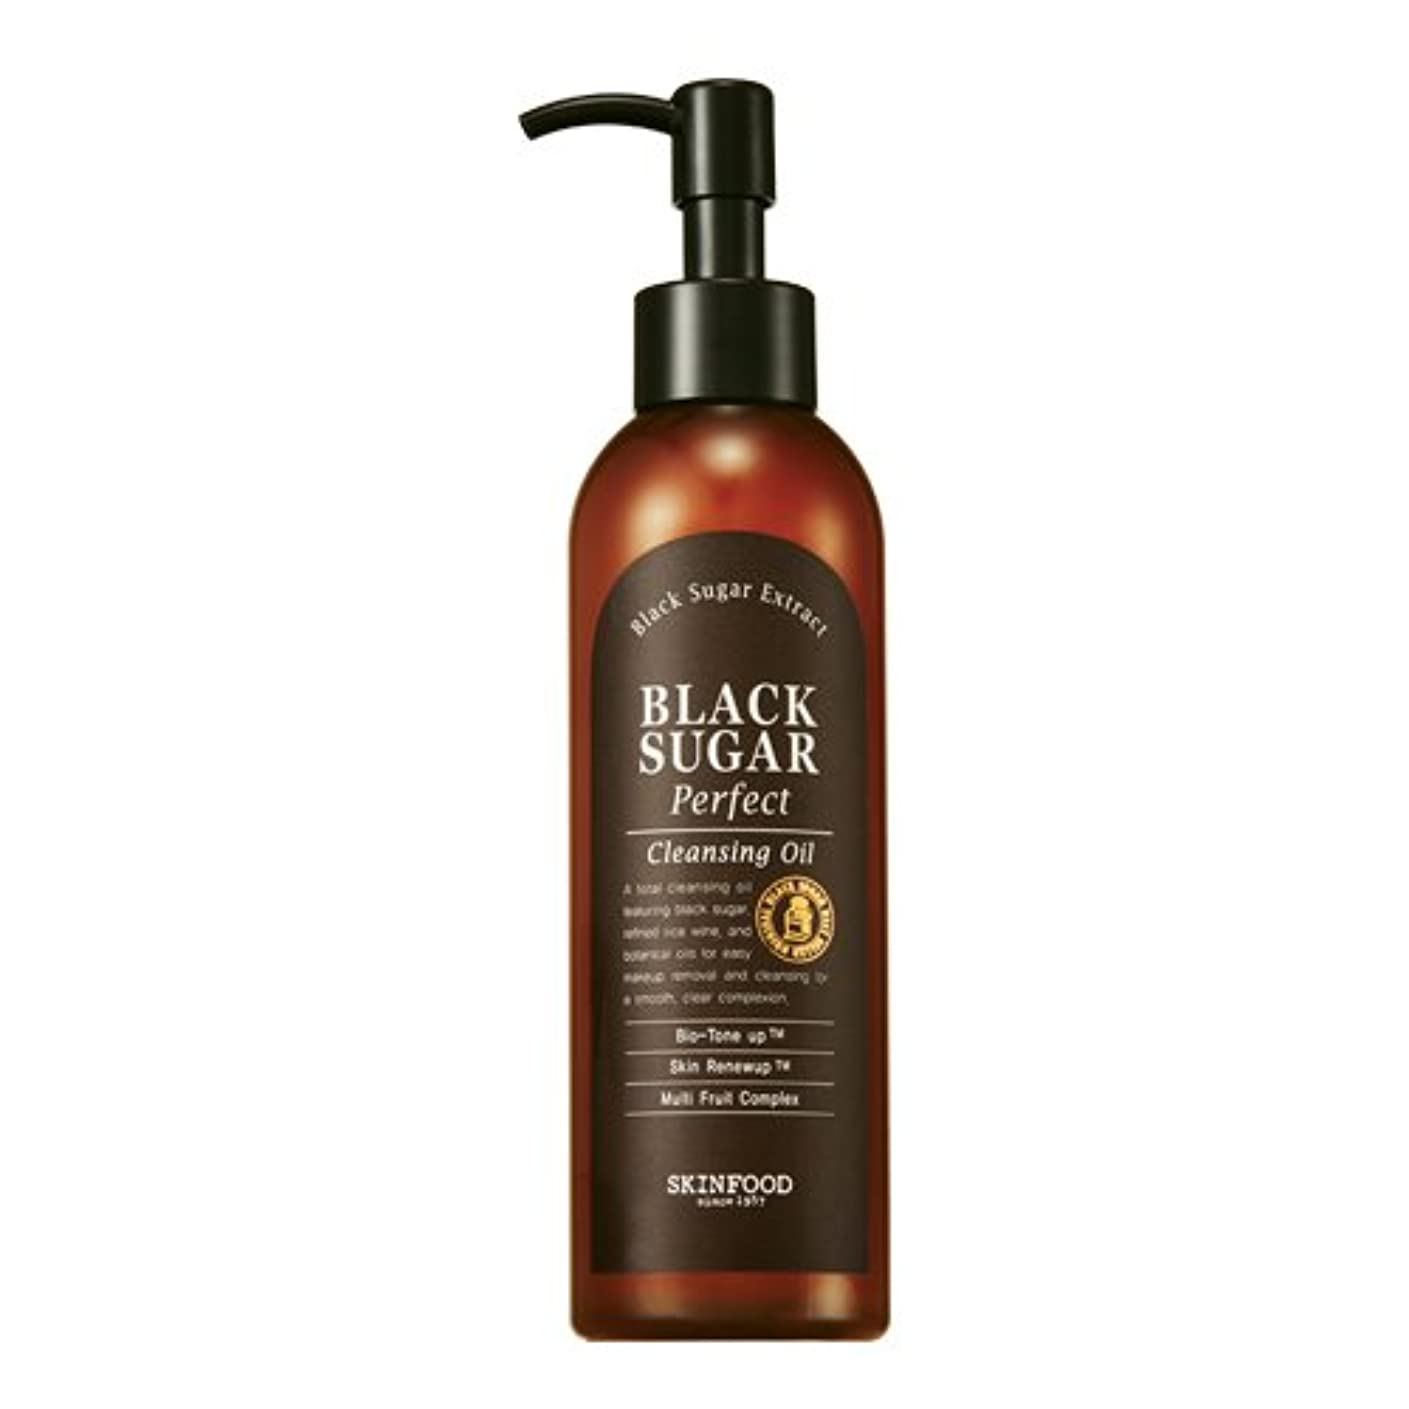 またね気性下るSkinfood/Black Sugar Perfect Cleansing Oil/ブラックシュガーパーフェクトクレンジングオイル/200ml [並行輸入品]